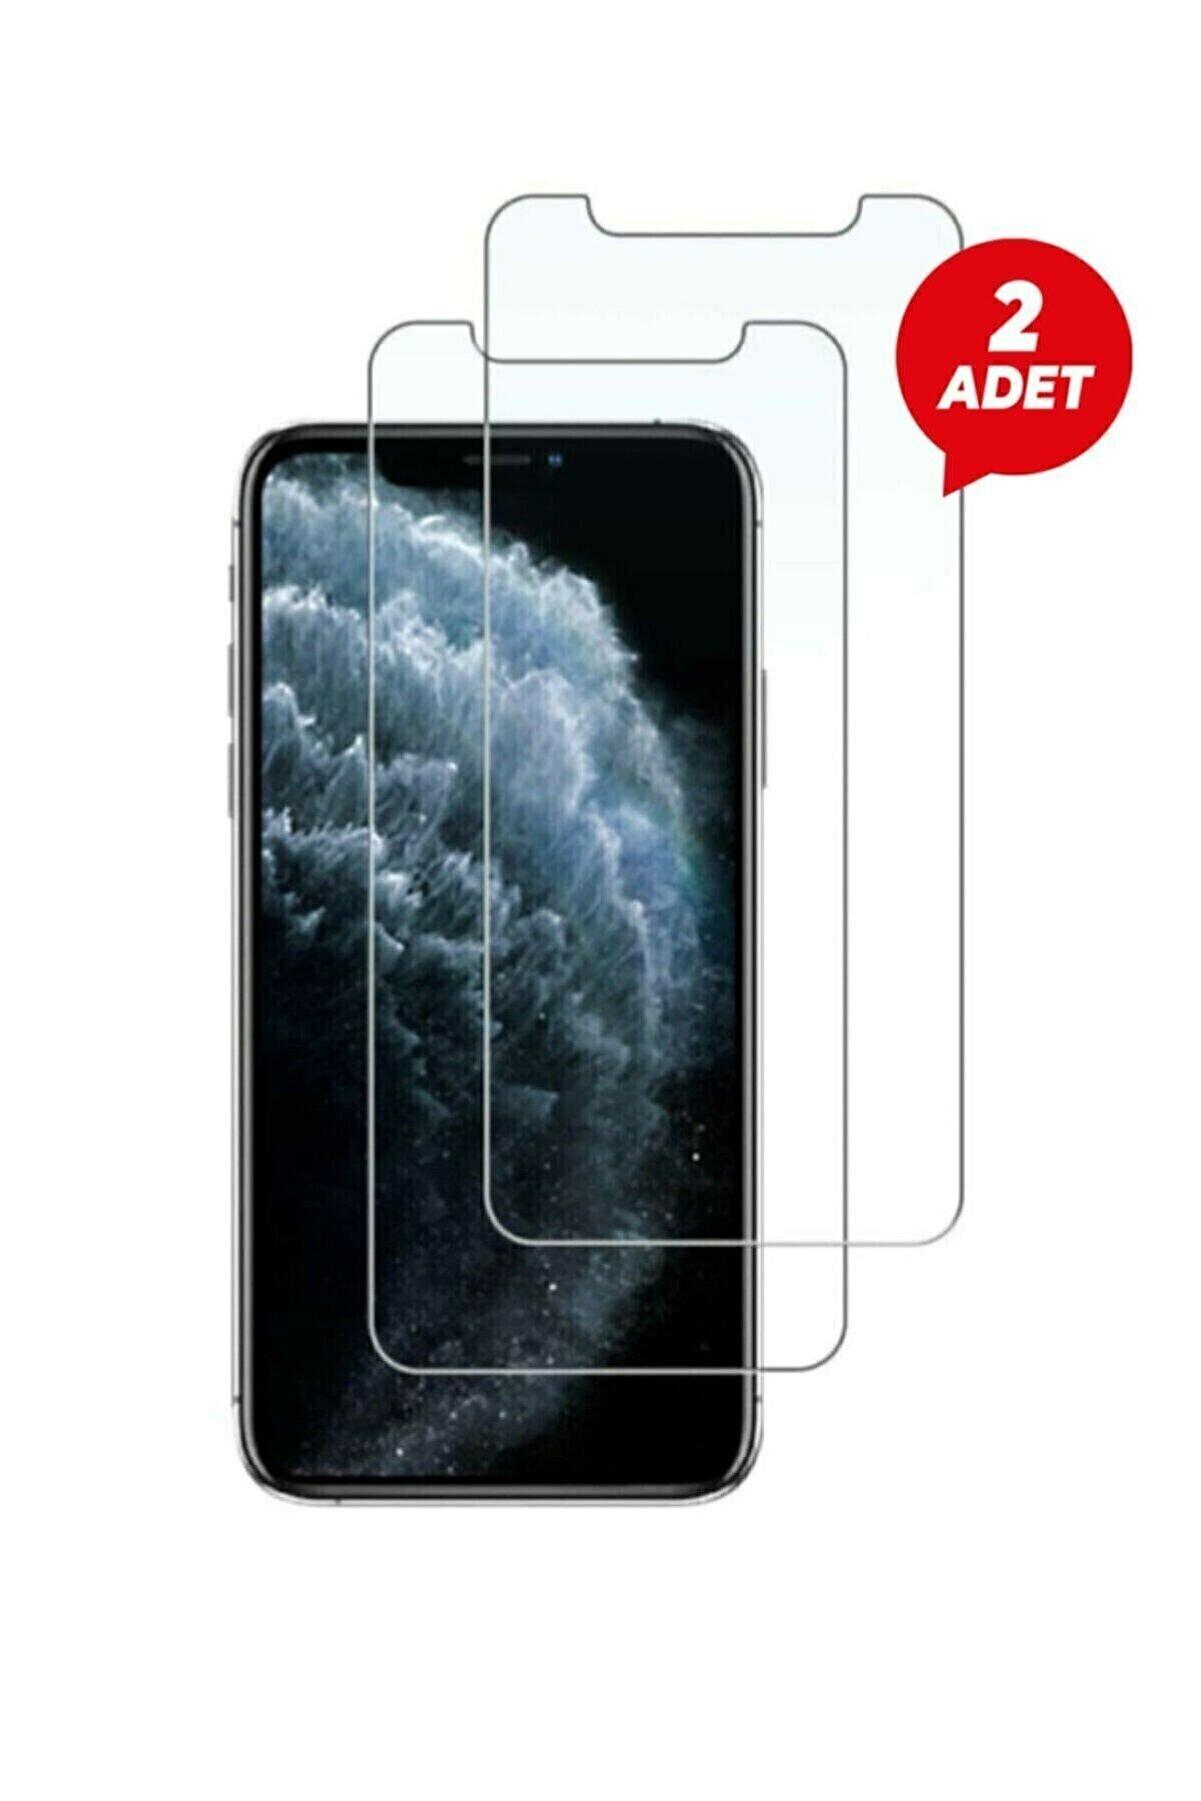 Tria Iphone 11 Uyumlu 6.1 Inç 2 Adet Kırılmaz Temperli Şeffaf Ekran Koruyucu Telefon Camı